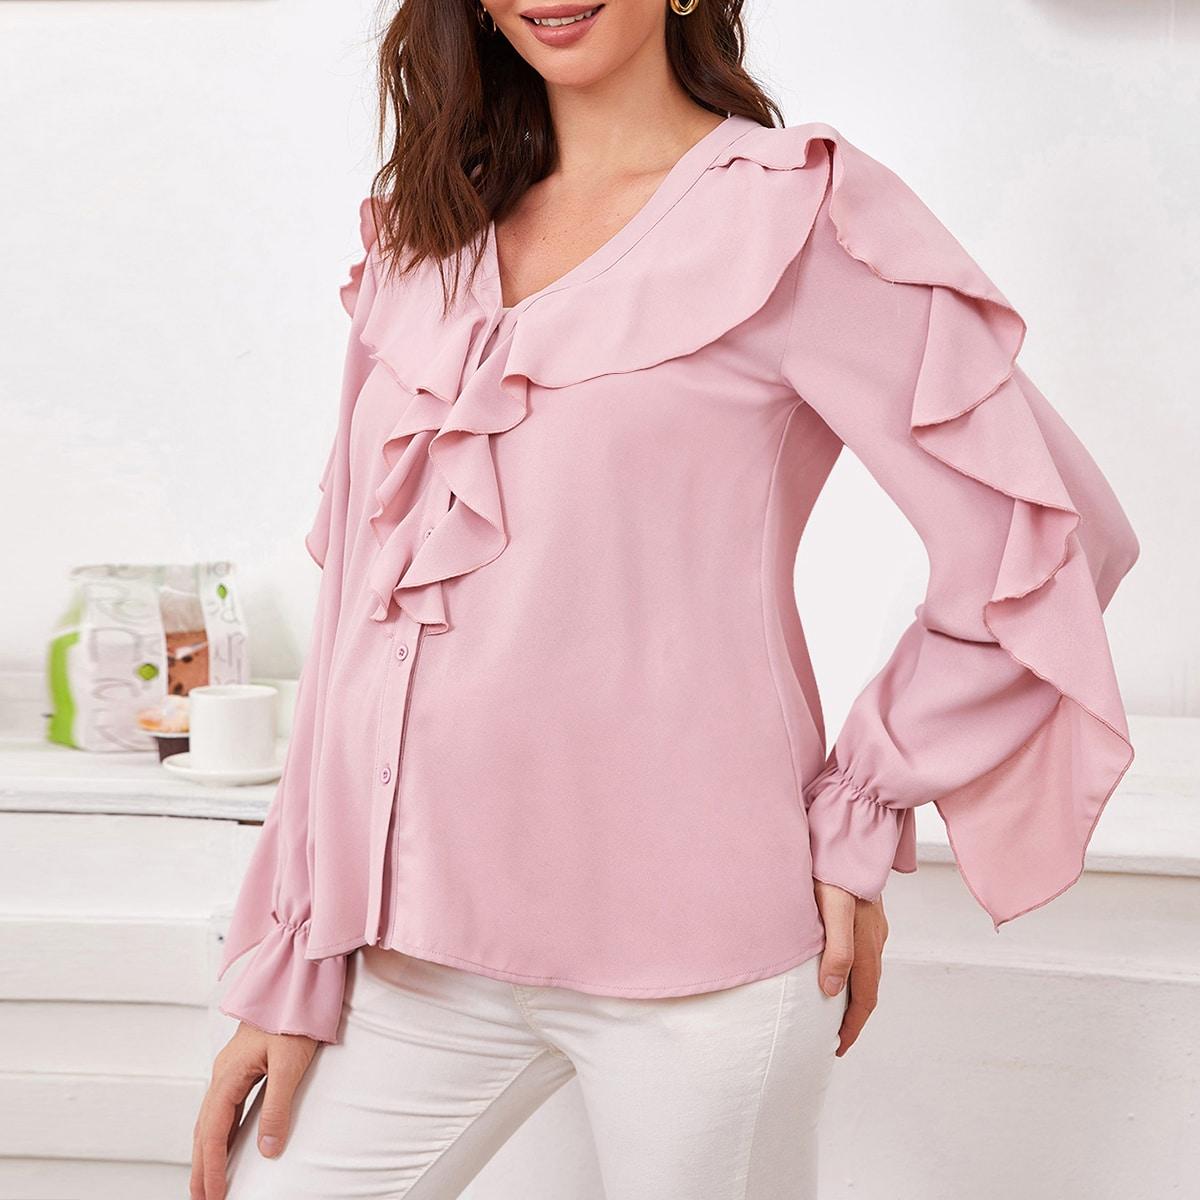 Кайма одноцветный элегантный блузы для беременных